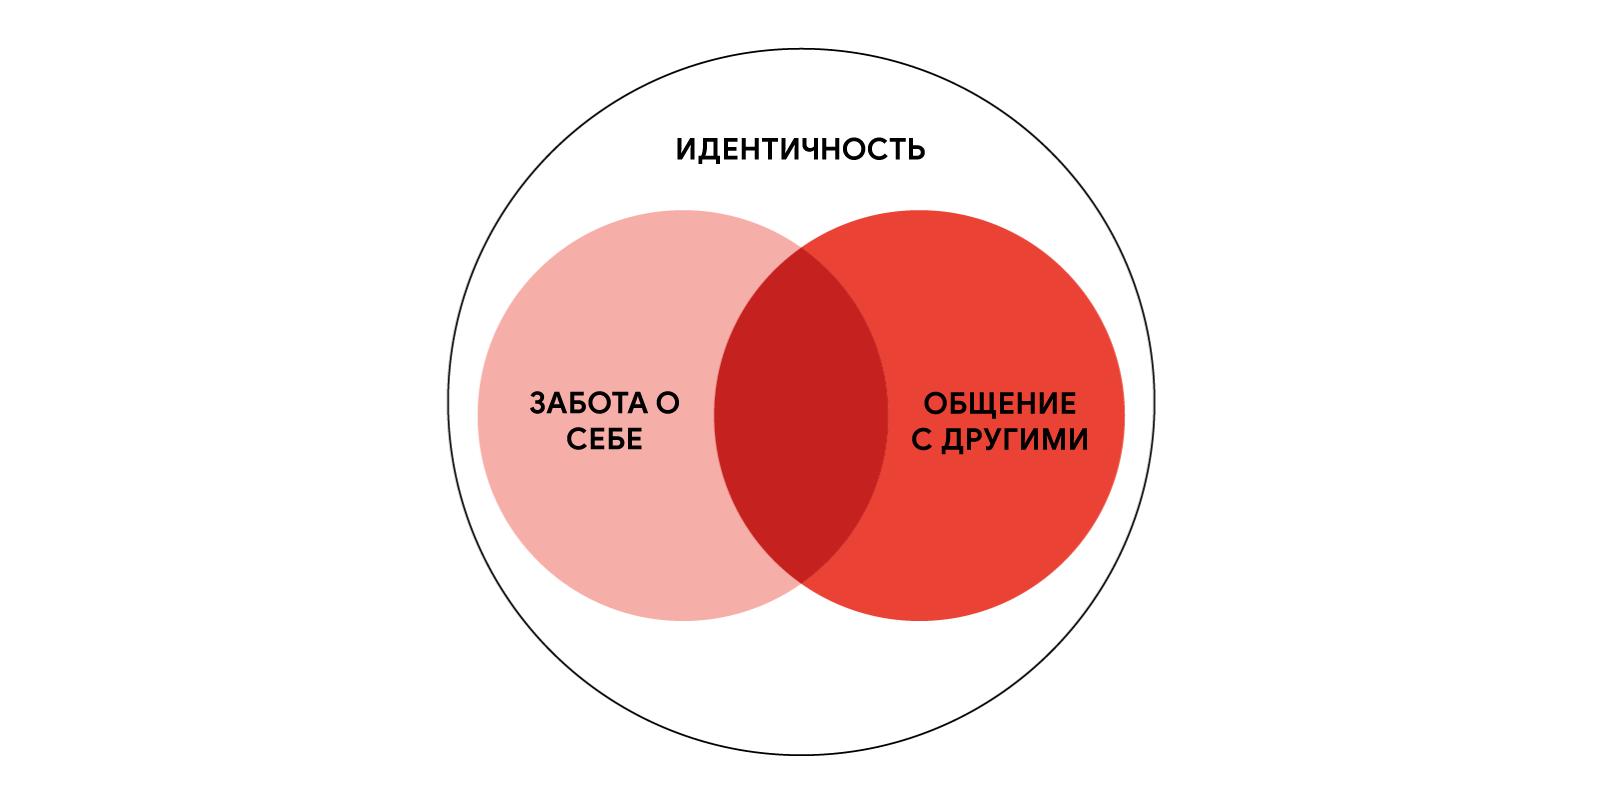 """Диаграмма Венна с двумя кругами (""""Забота о себе"""" и """"Общение с другими"""") в одном большом круге (""""Идентичность"""")."""